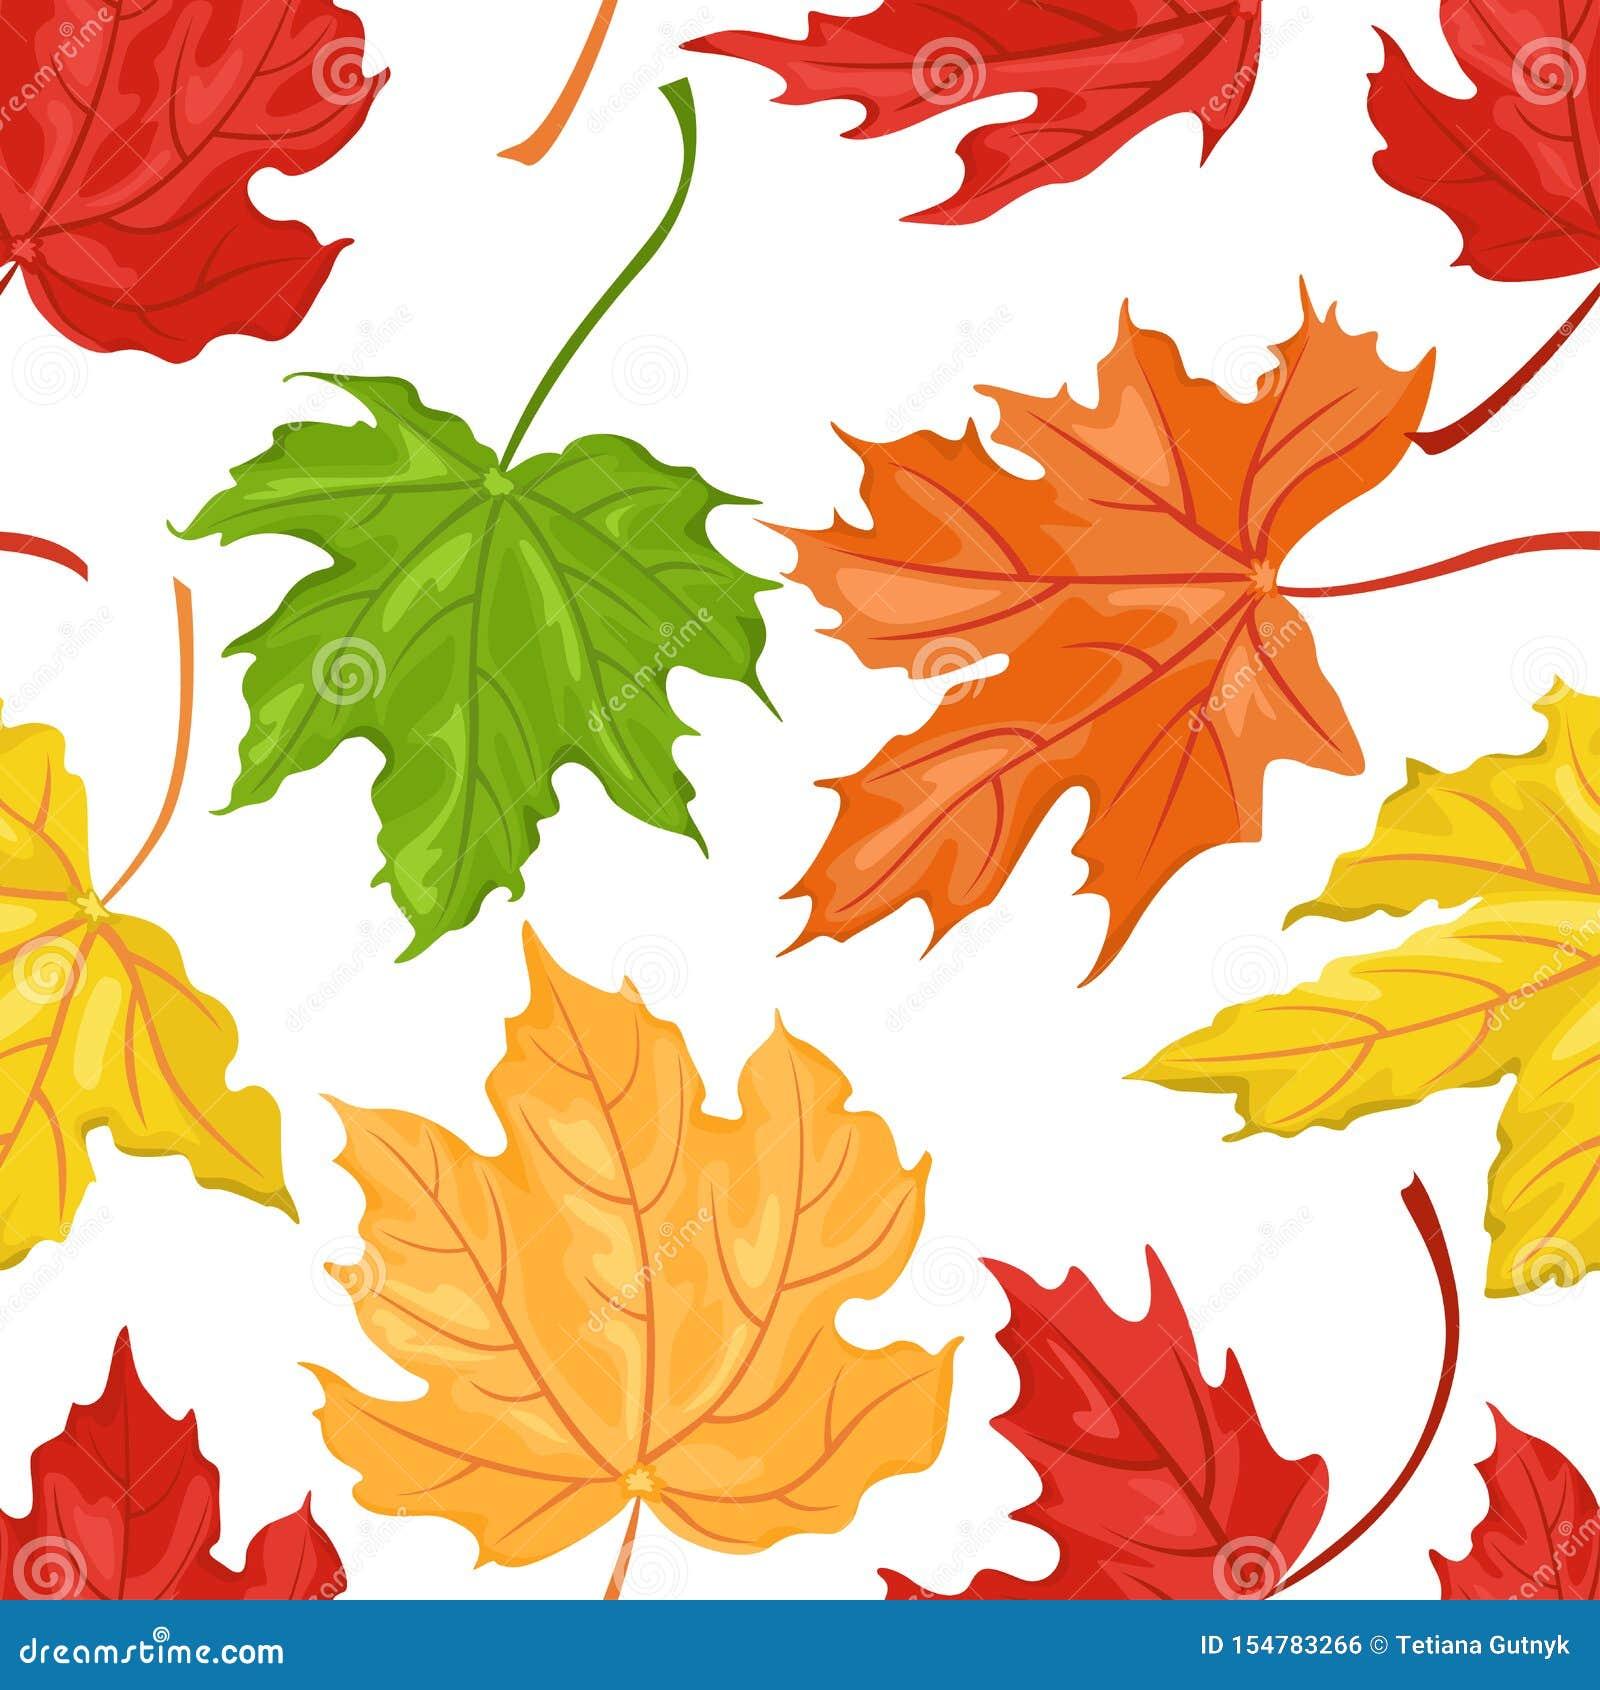 Άνευ ραφής σχέδιο με χρωματισμένα τα φθινόπωρο φύλλα σφενδάμου